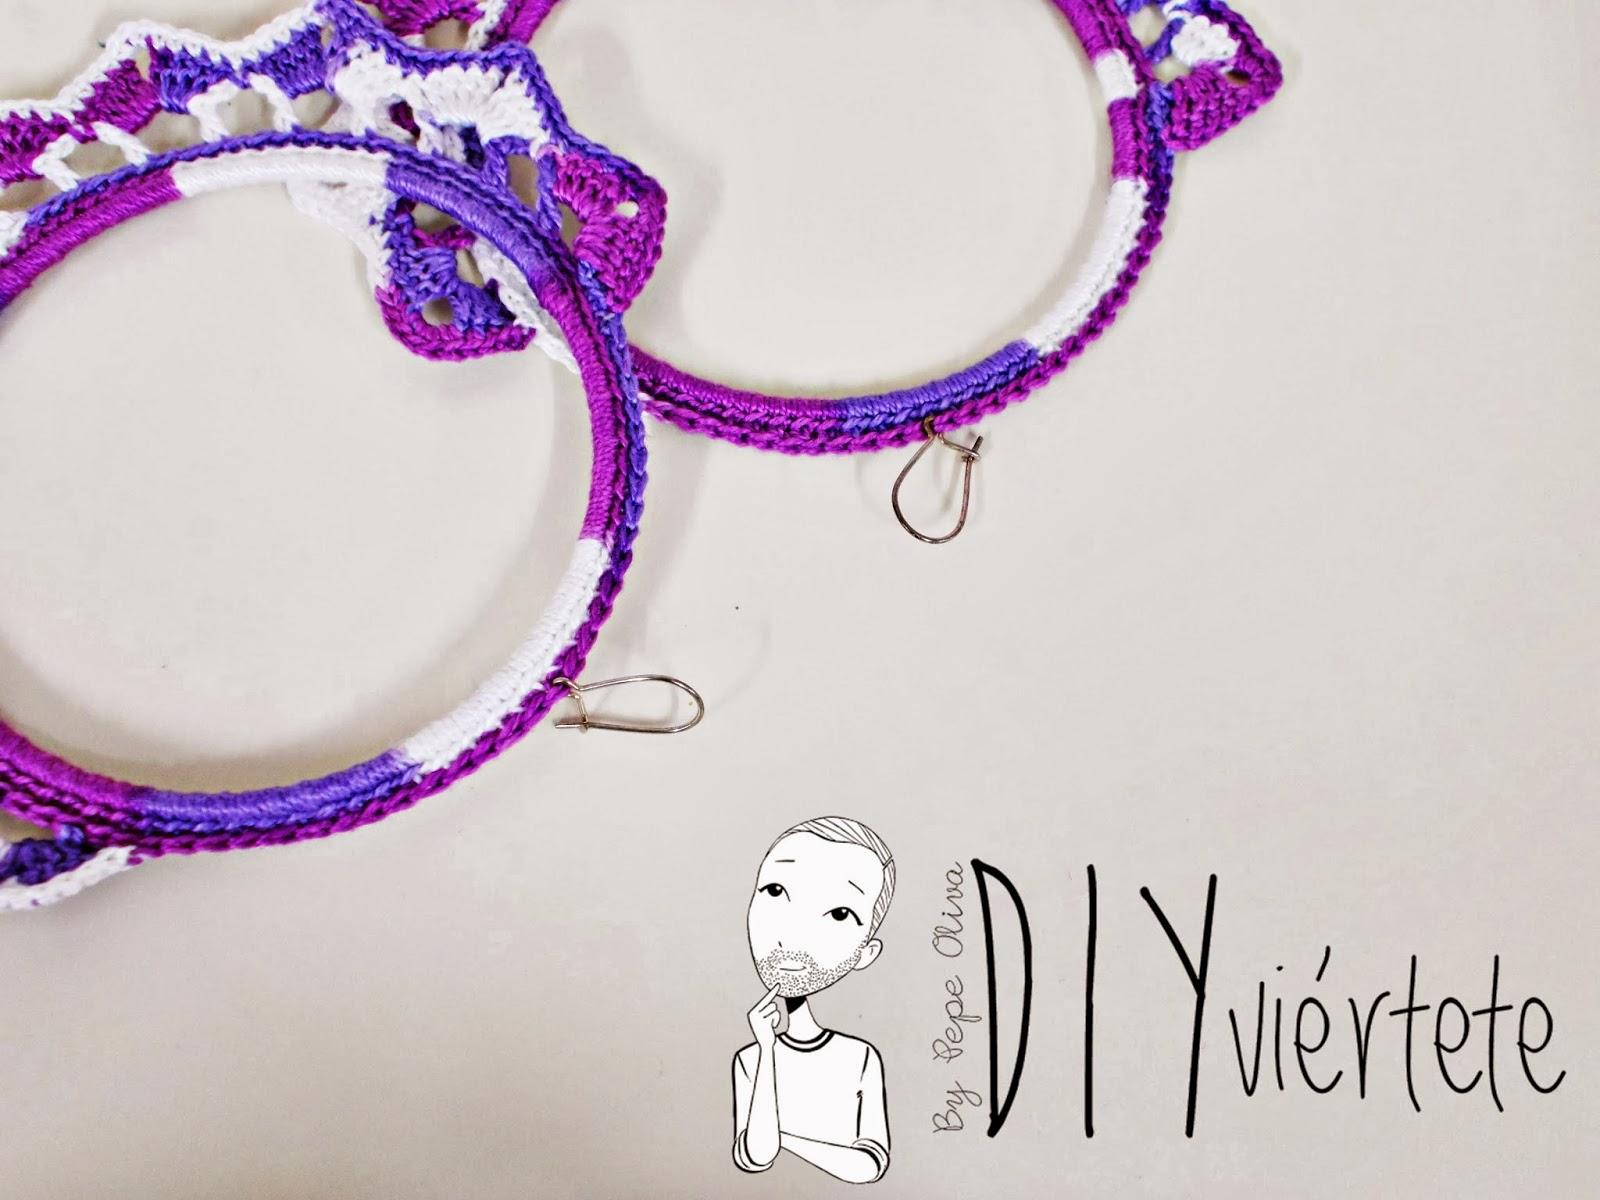 DIY-zarcillo-pendiente-bisutería-ganchillo-crochet-flamenca-Diyviértete6